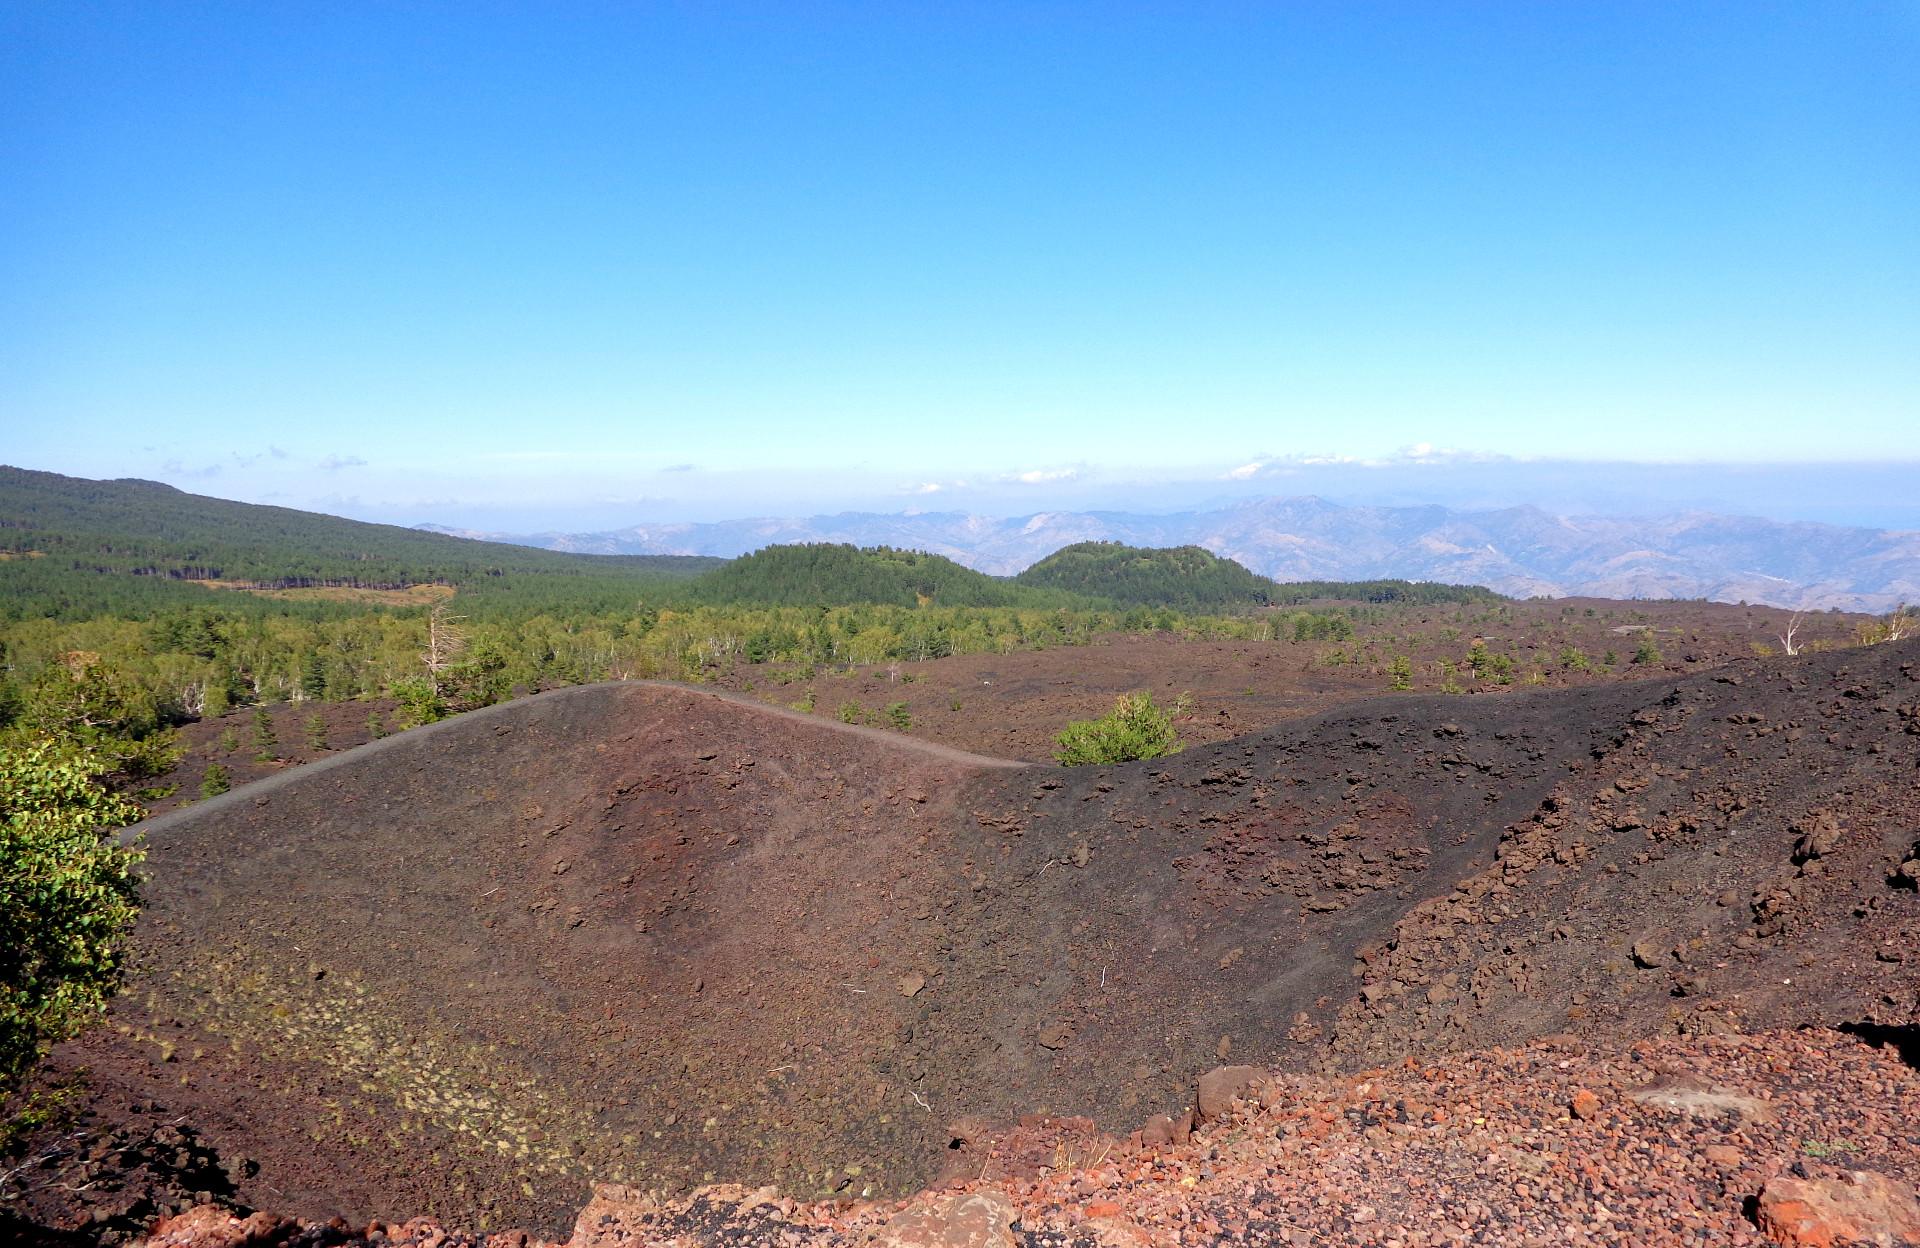 Етна, кратерите Сарториус от 1865 г.